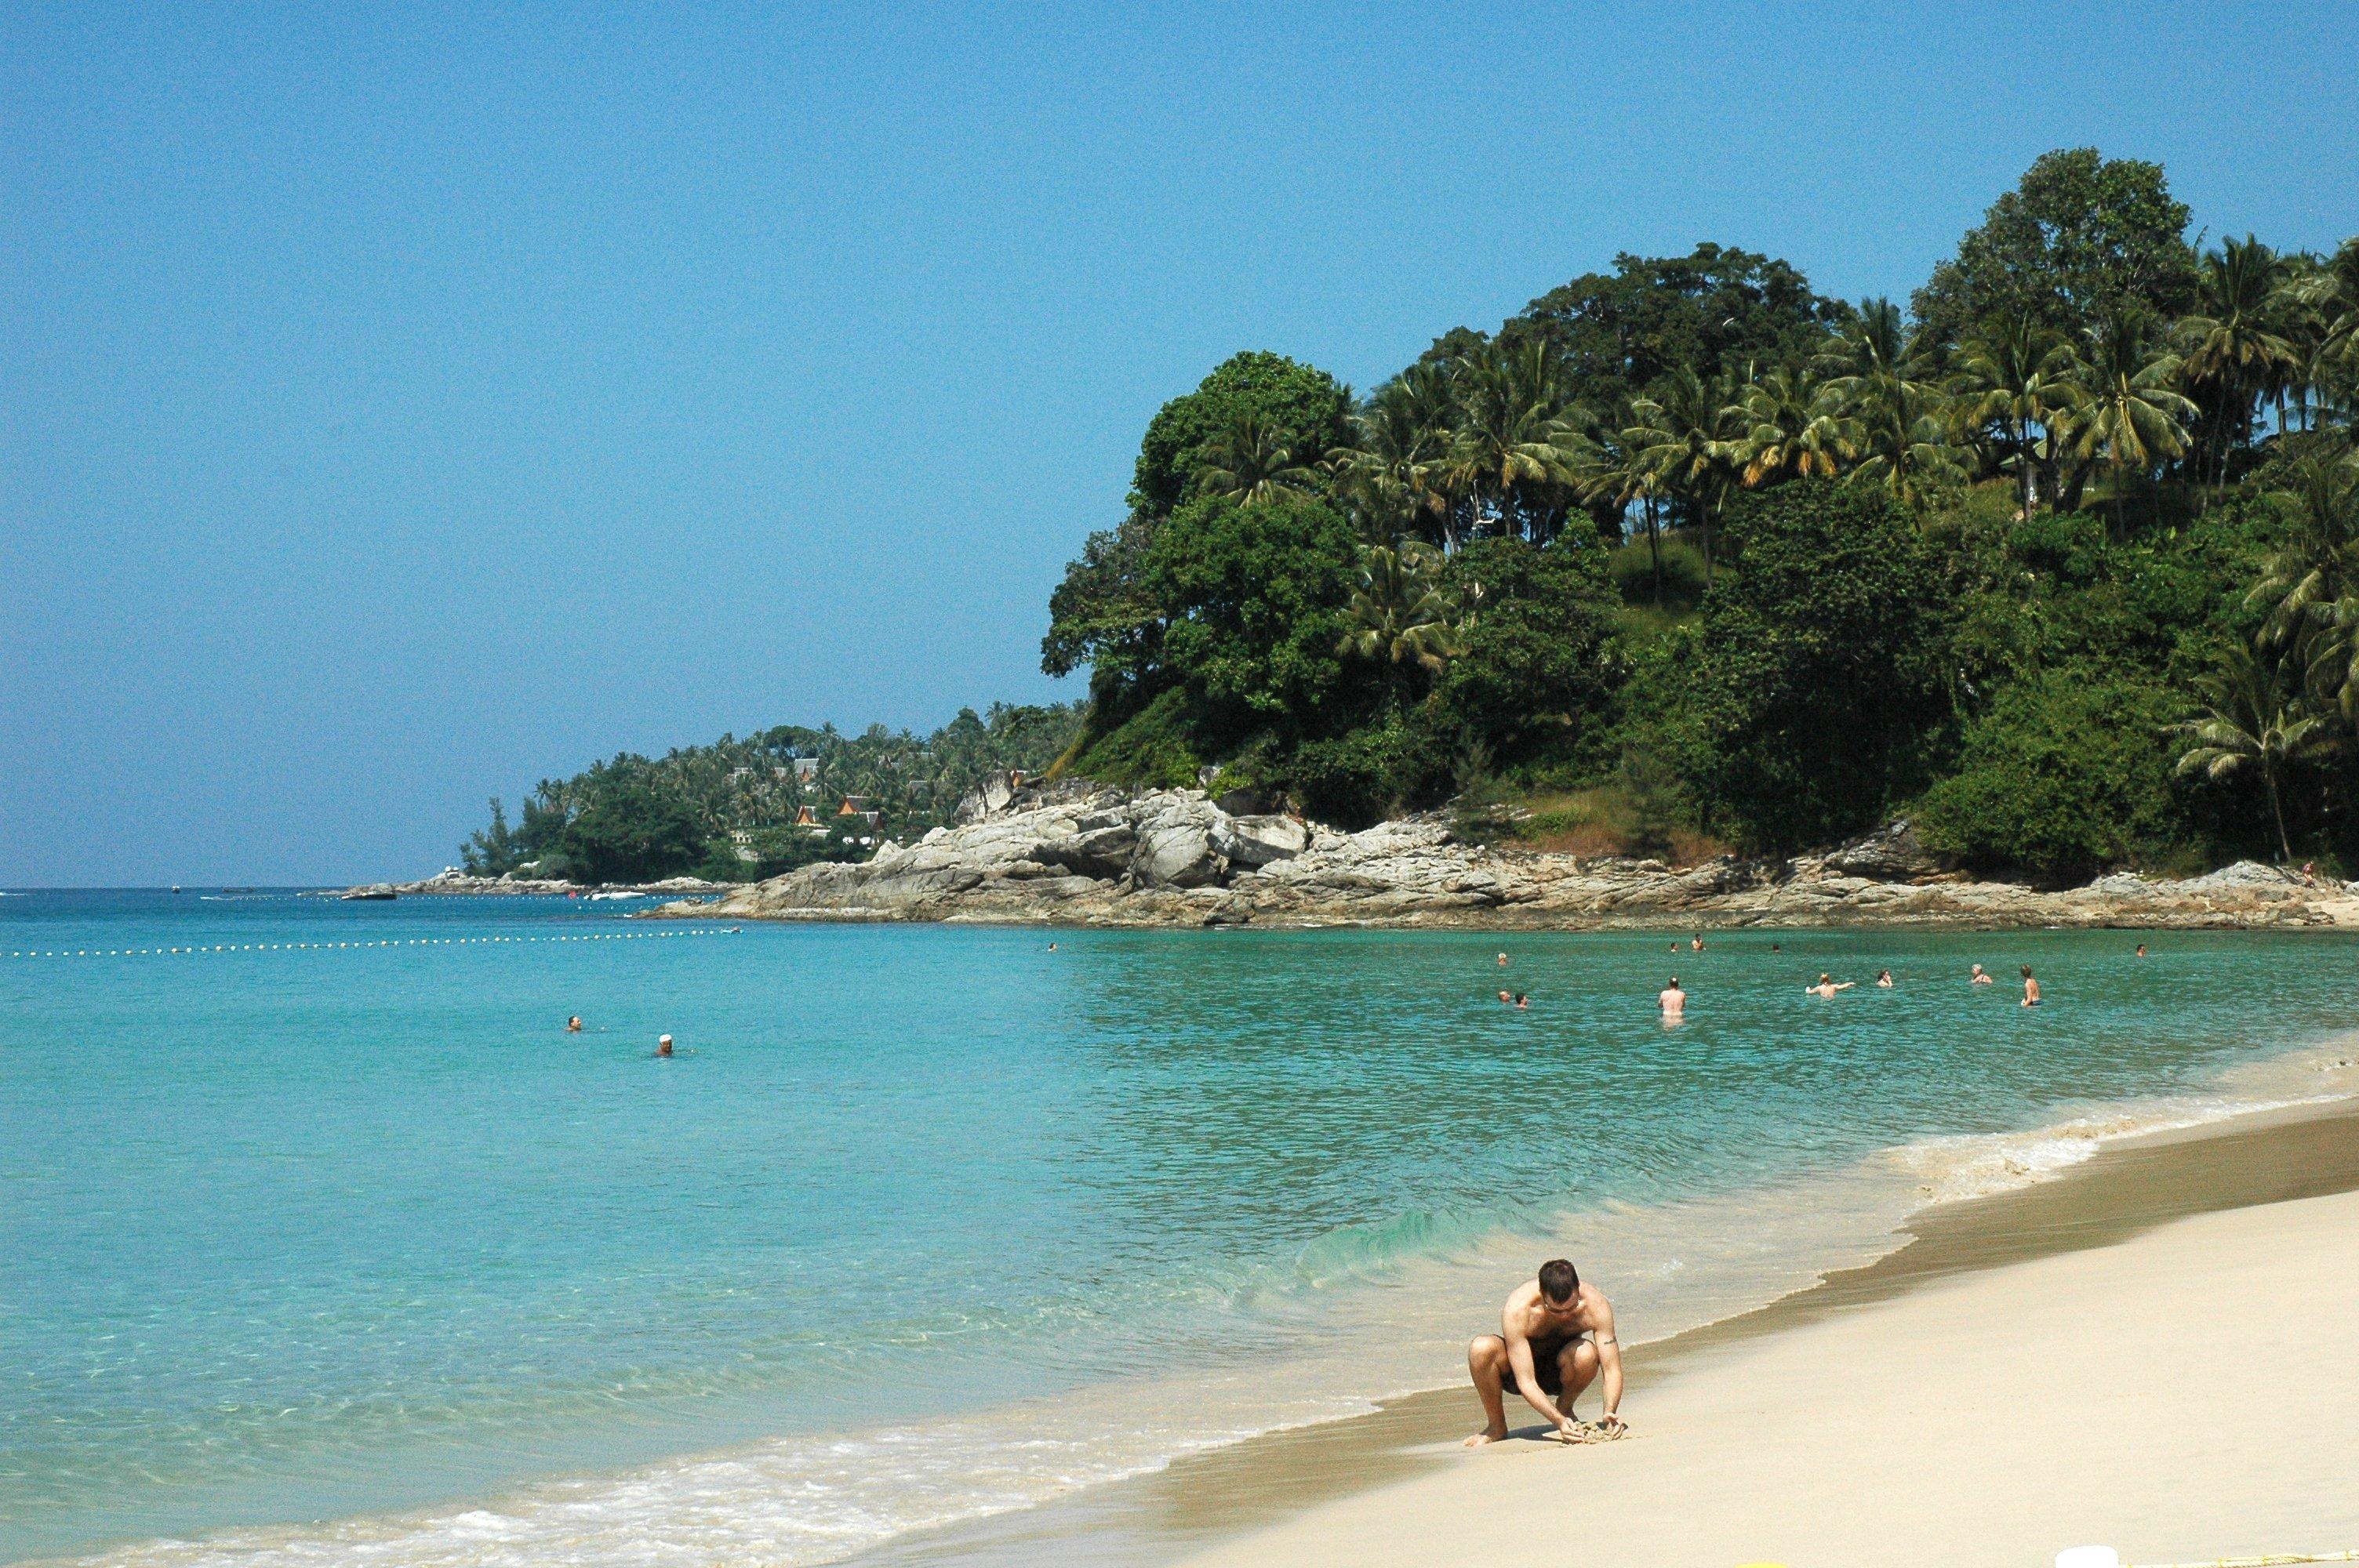 пляж сурин на пхукете фото и отзывы фото декора